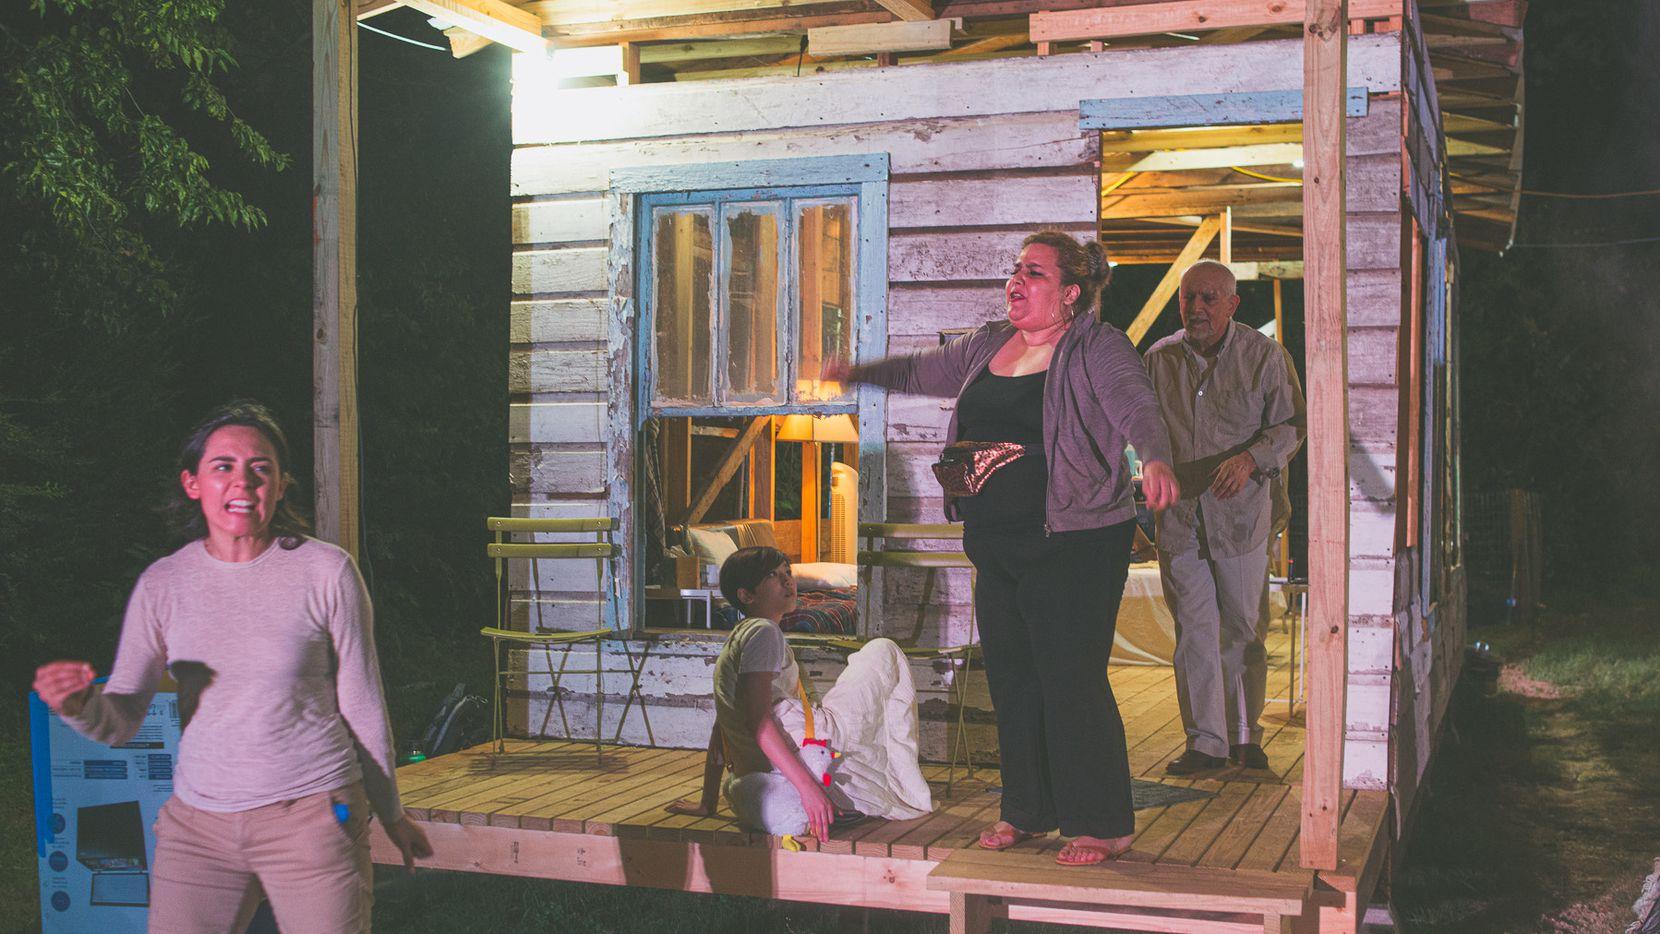 Escenas de la obra teatral inmersiva Family Dollar, que se realiza en casas de West Dallas.